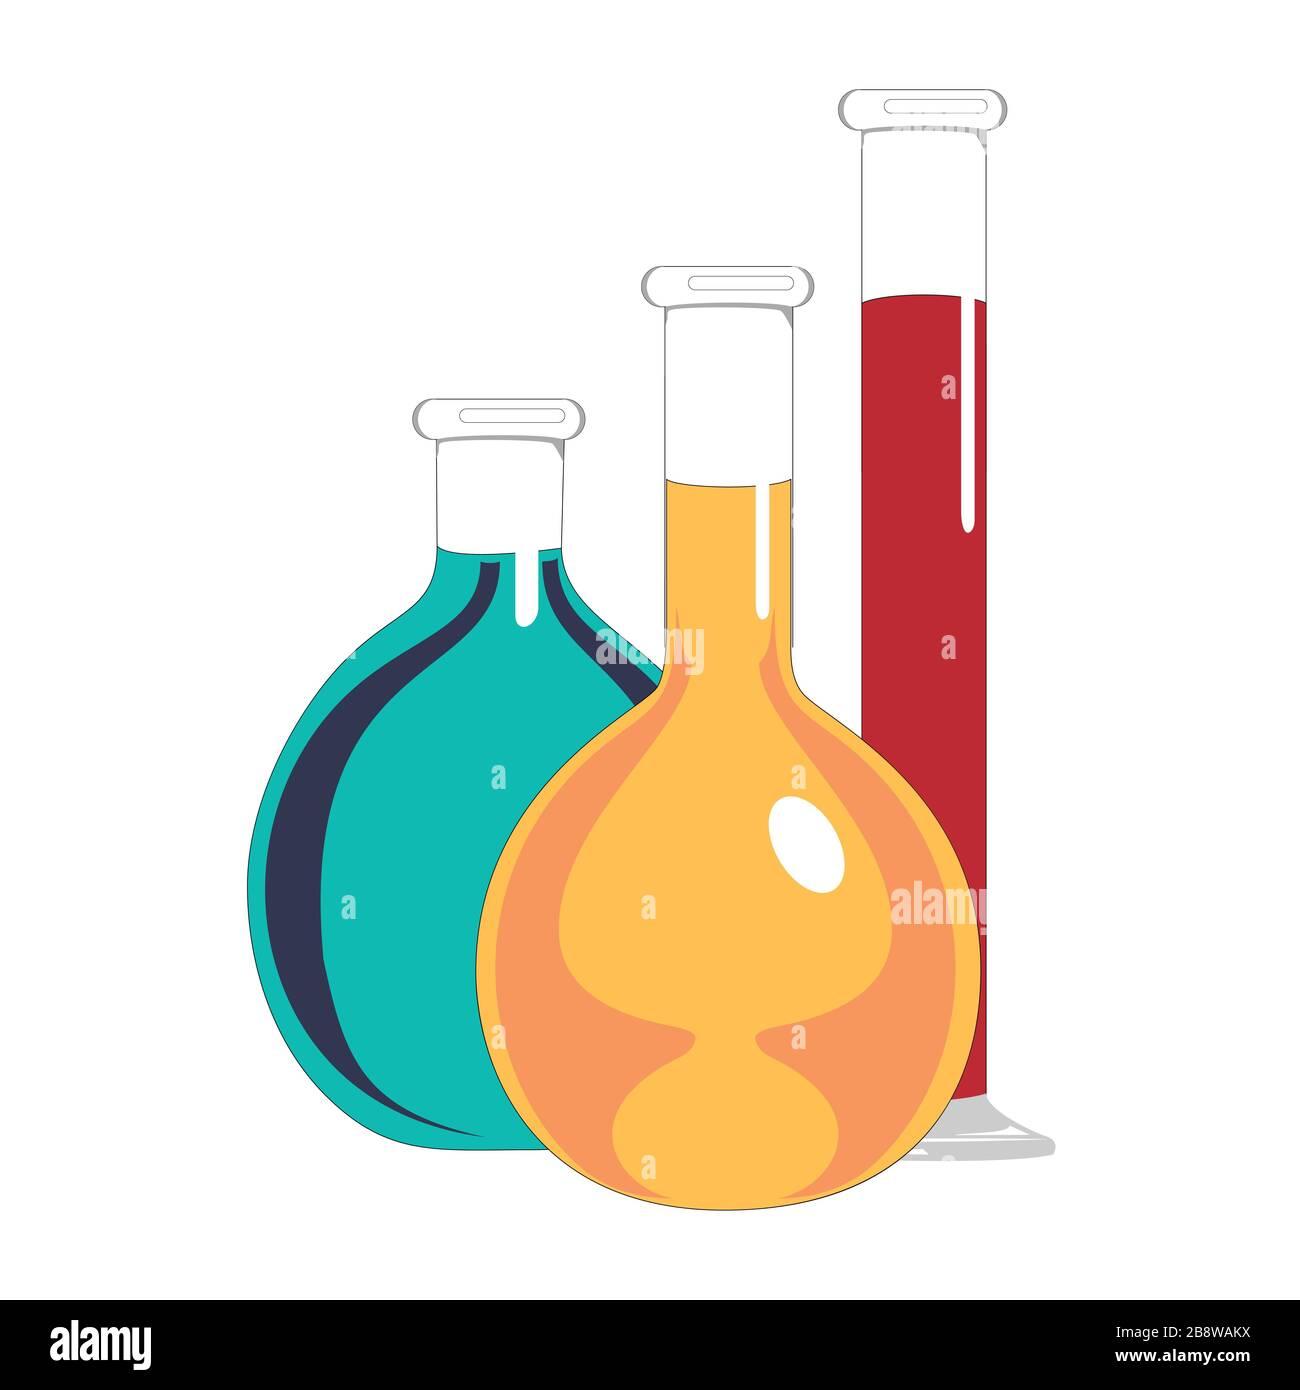 Flacons en verre de laboratoire et tubes à essai avec liquide bleu, jaune et rouge. Expériences chimiques et biologiques. Illustration vectorielle en style plat. Illustration de Vecteur